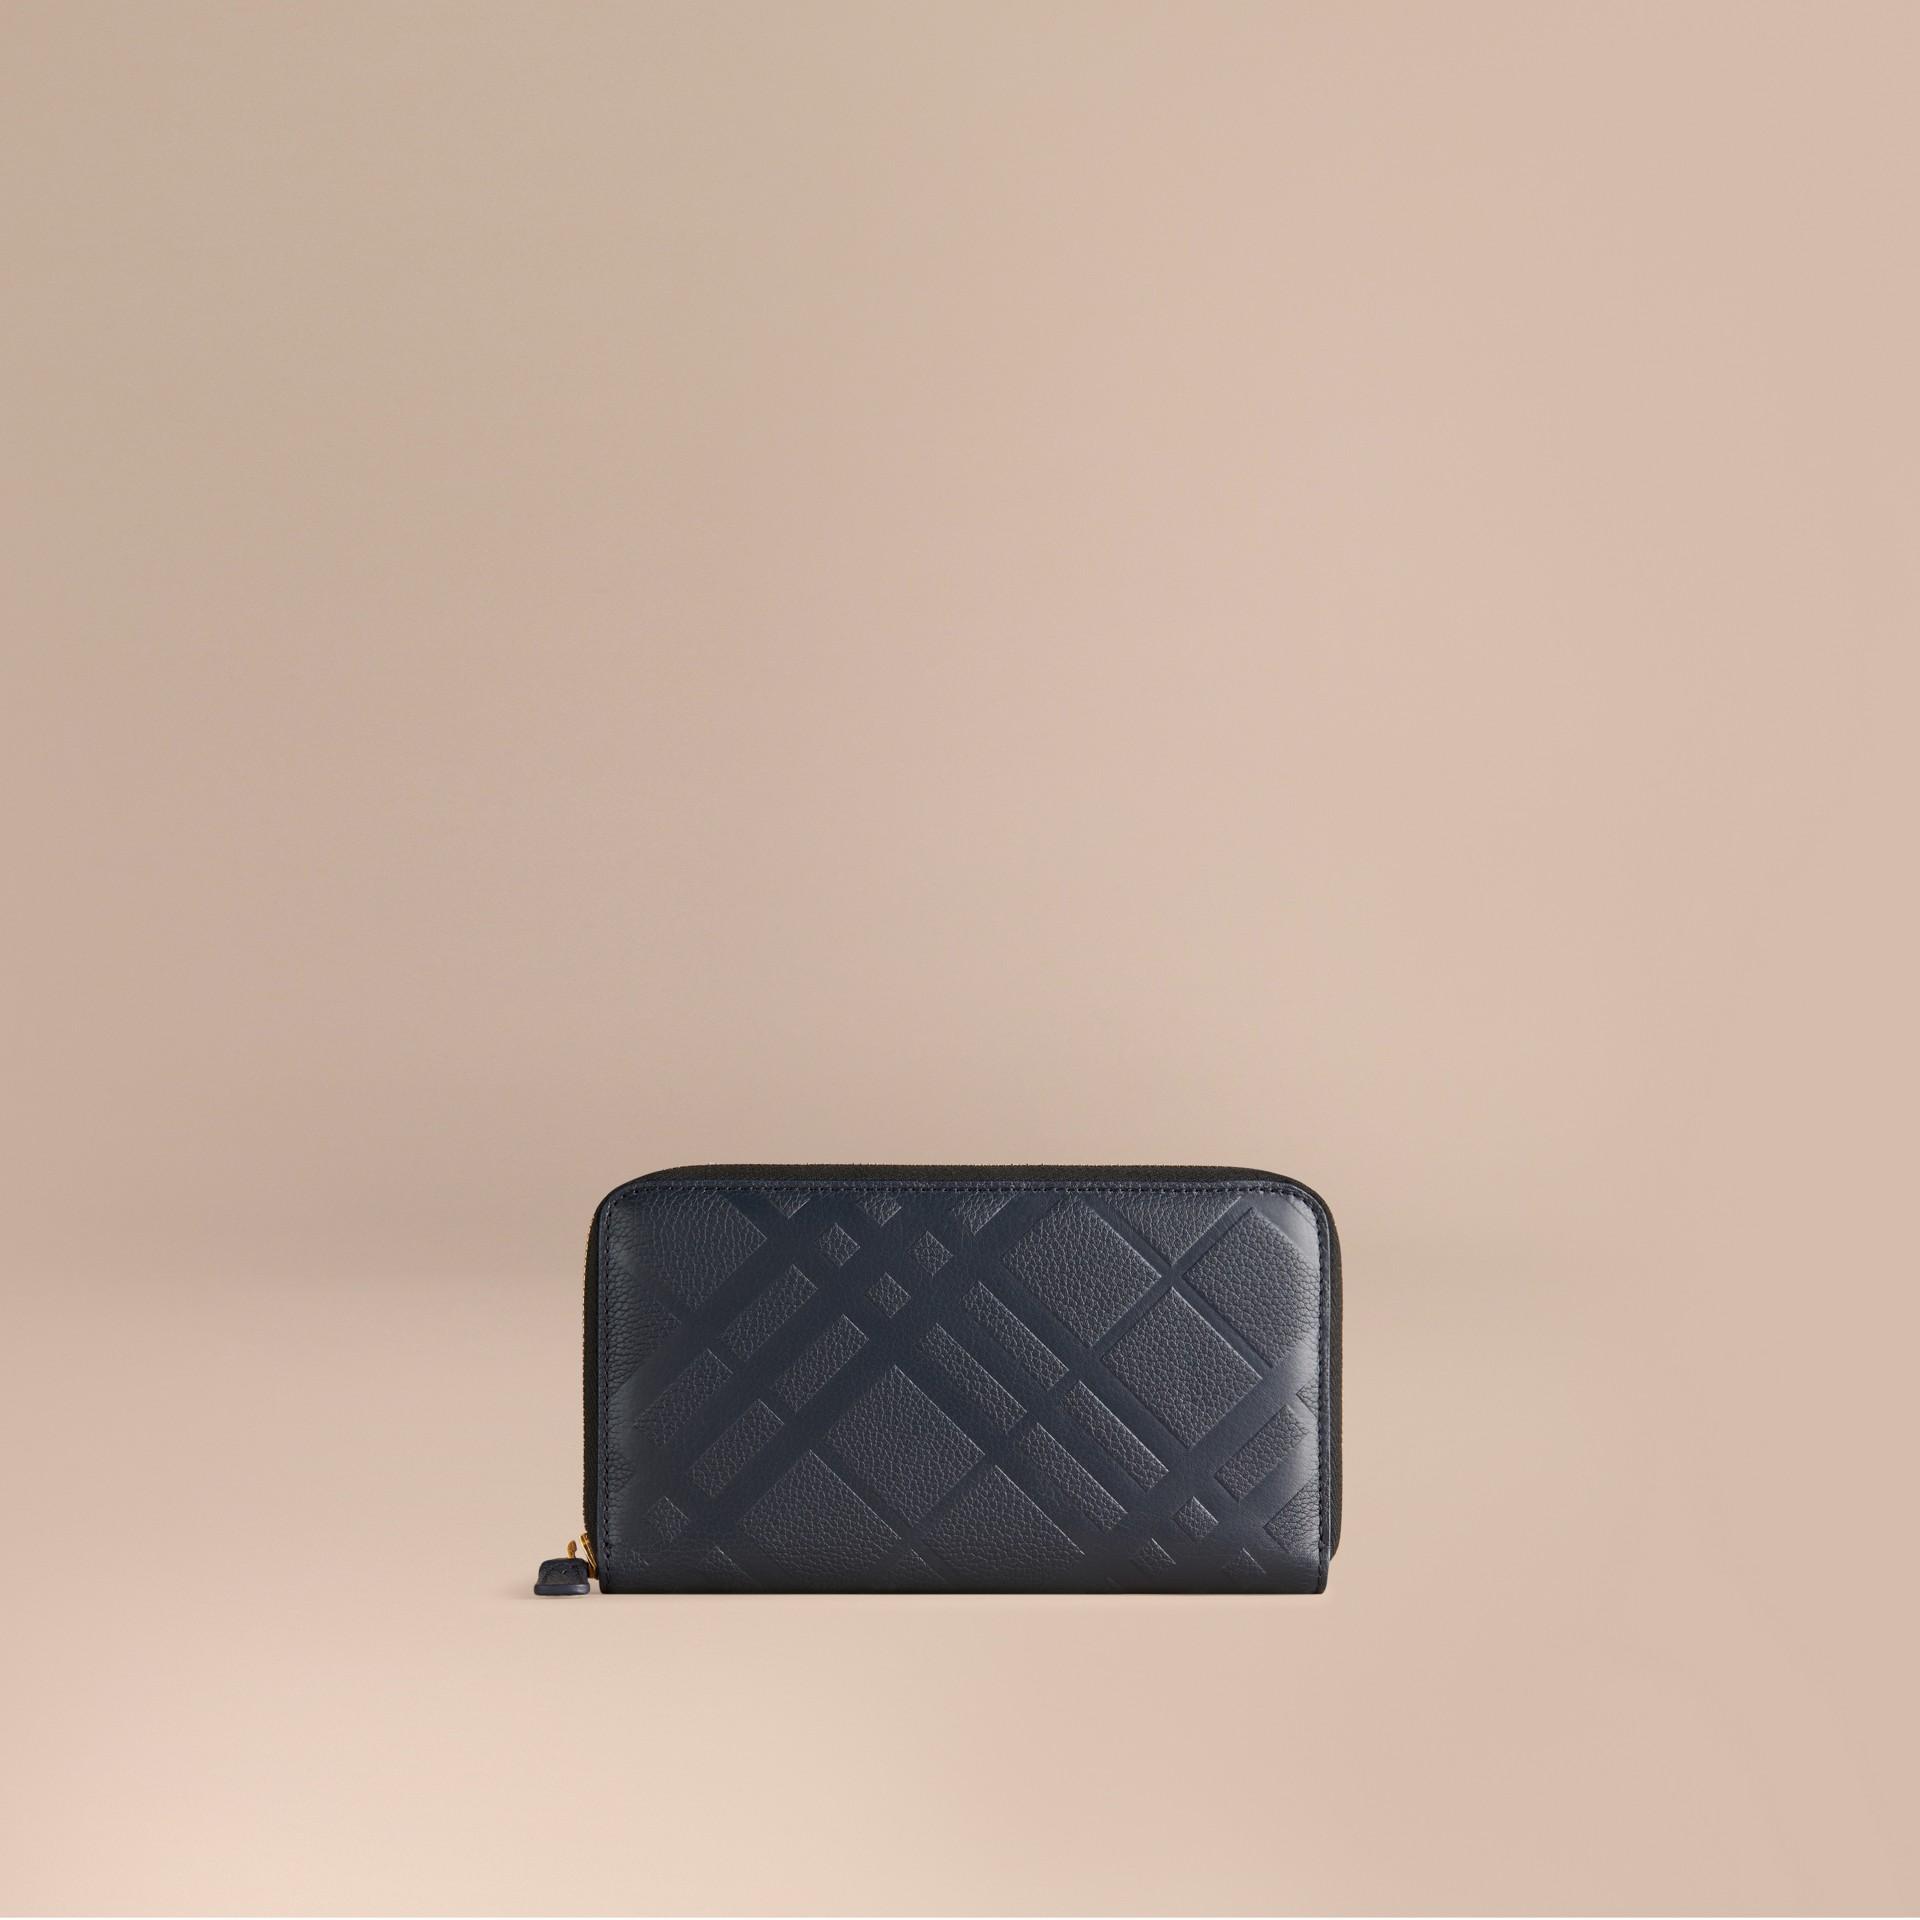 Azul estanho escuro Carteira de couro com zíper em toda a volta e padrão xadrez em relevo Azul Estanho Escuro - galeria de imagens 1